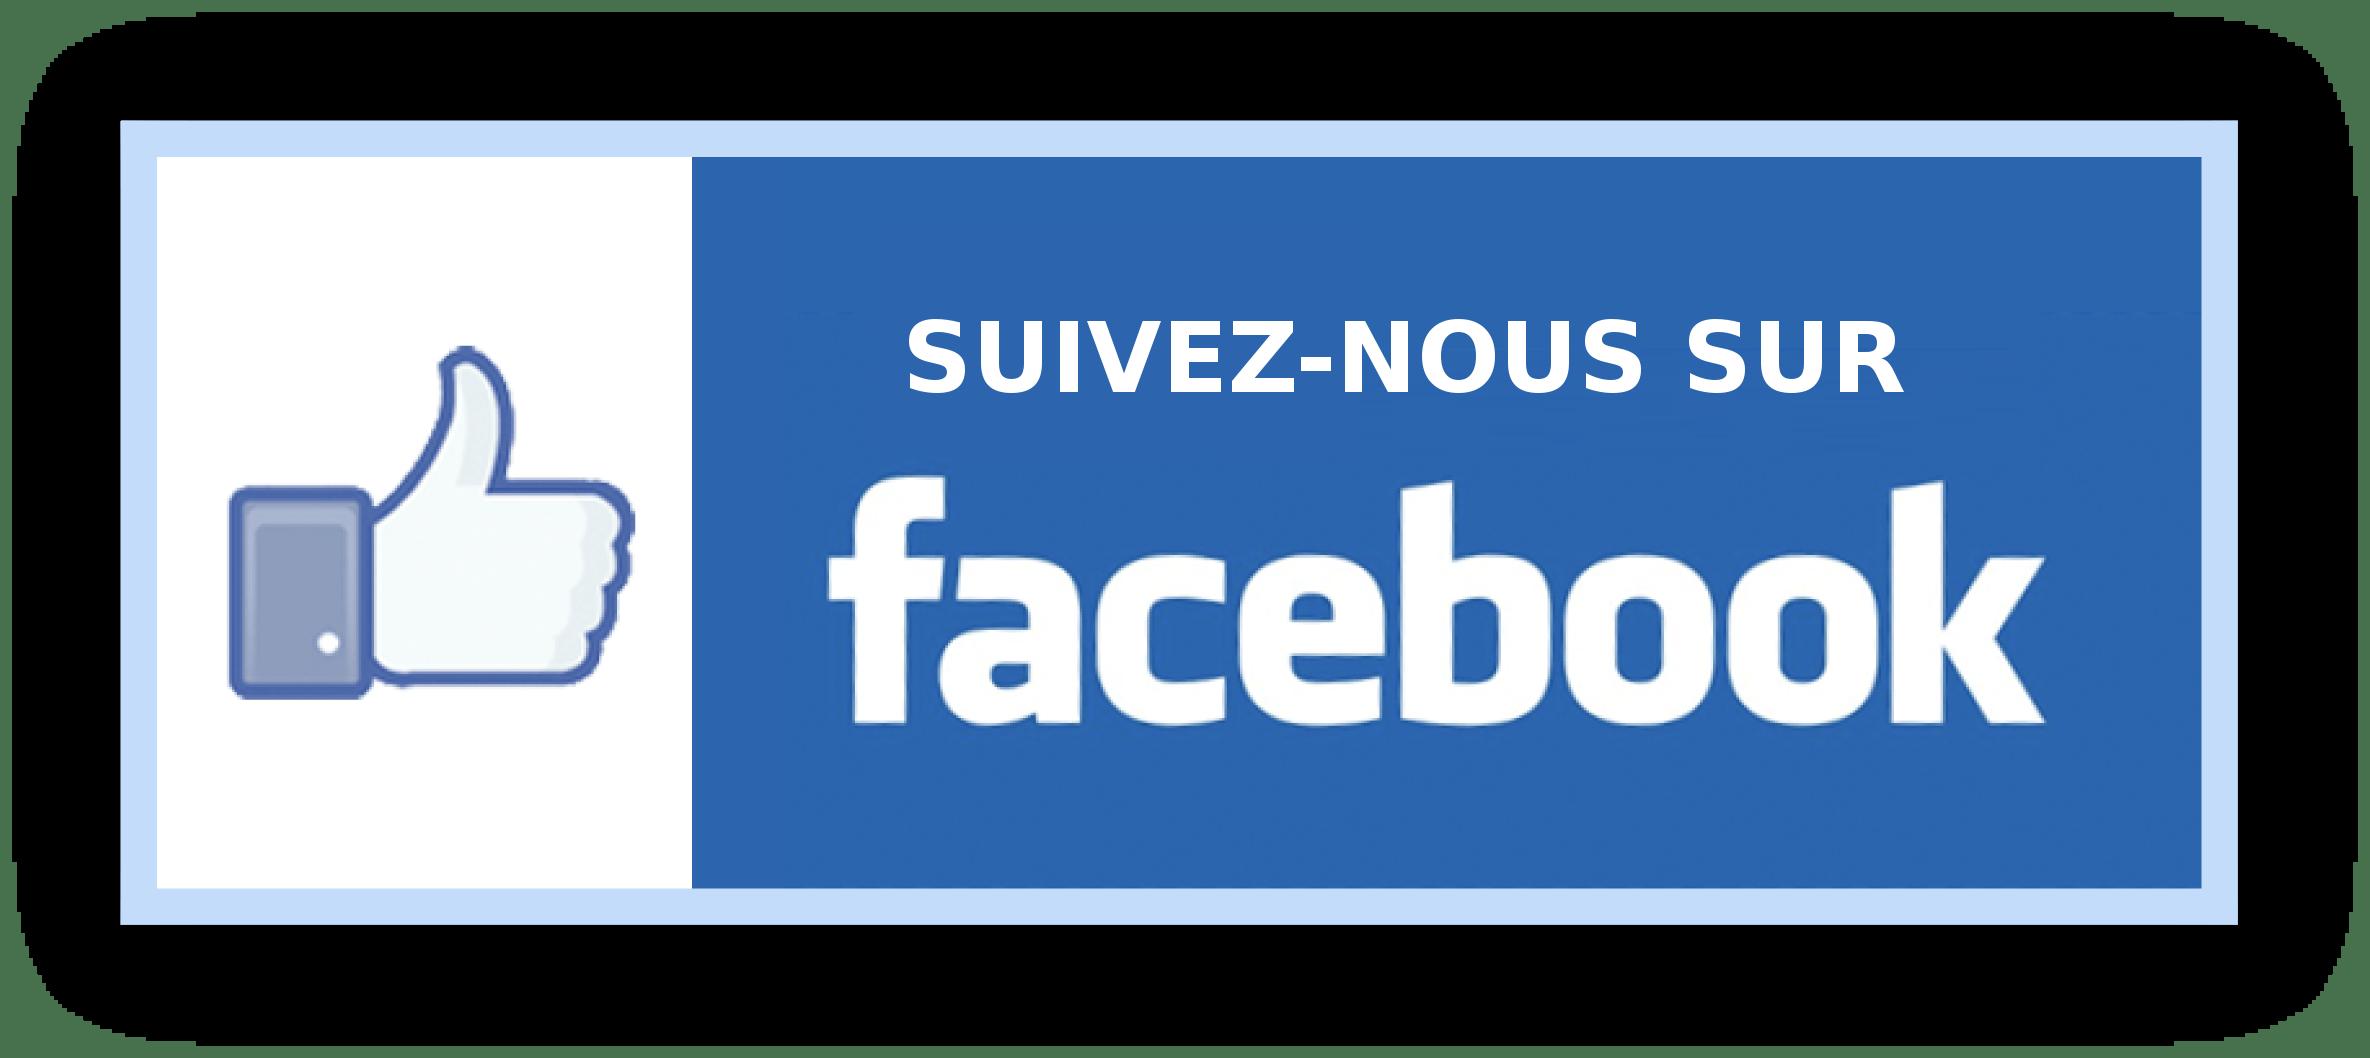 Suivez Nous Sur Facebook Rectangle PNG transparents - StickPNG